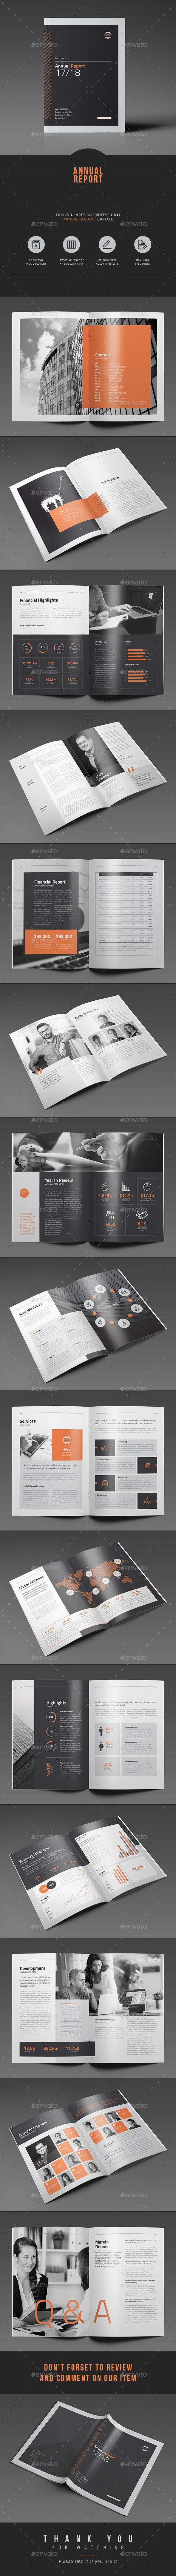 Annual Report | Diseño editorial, Editorial y Pagina web